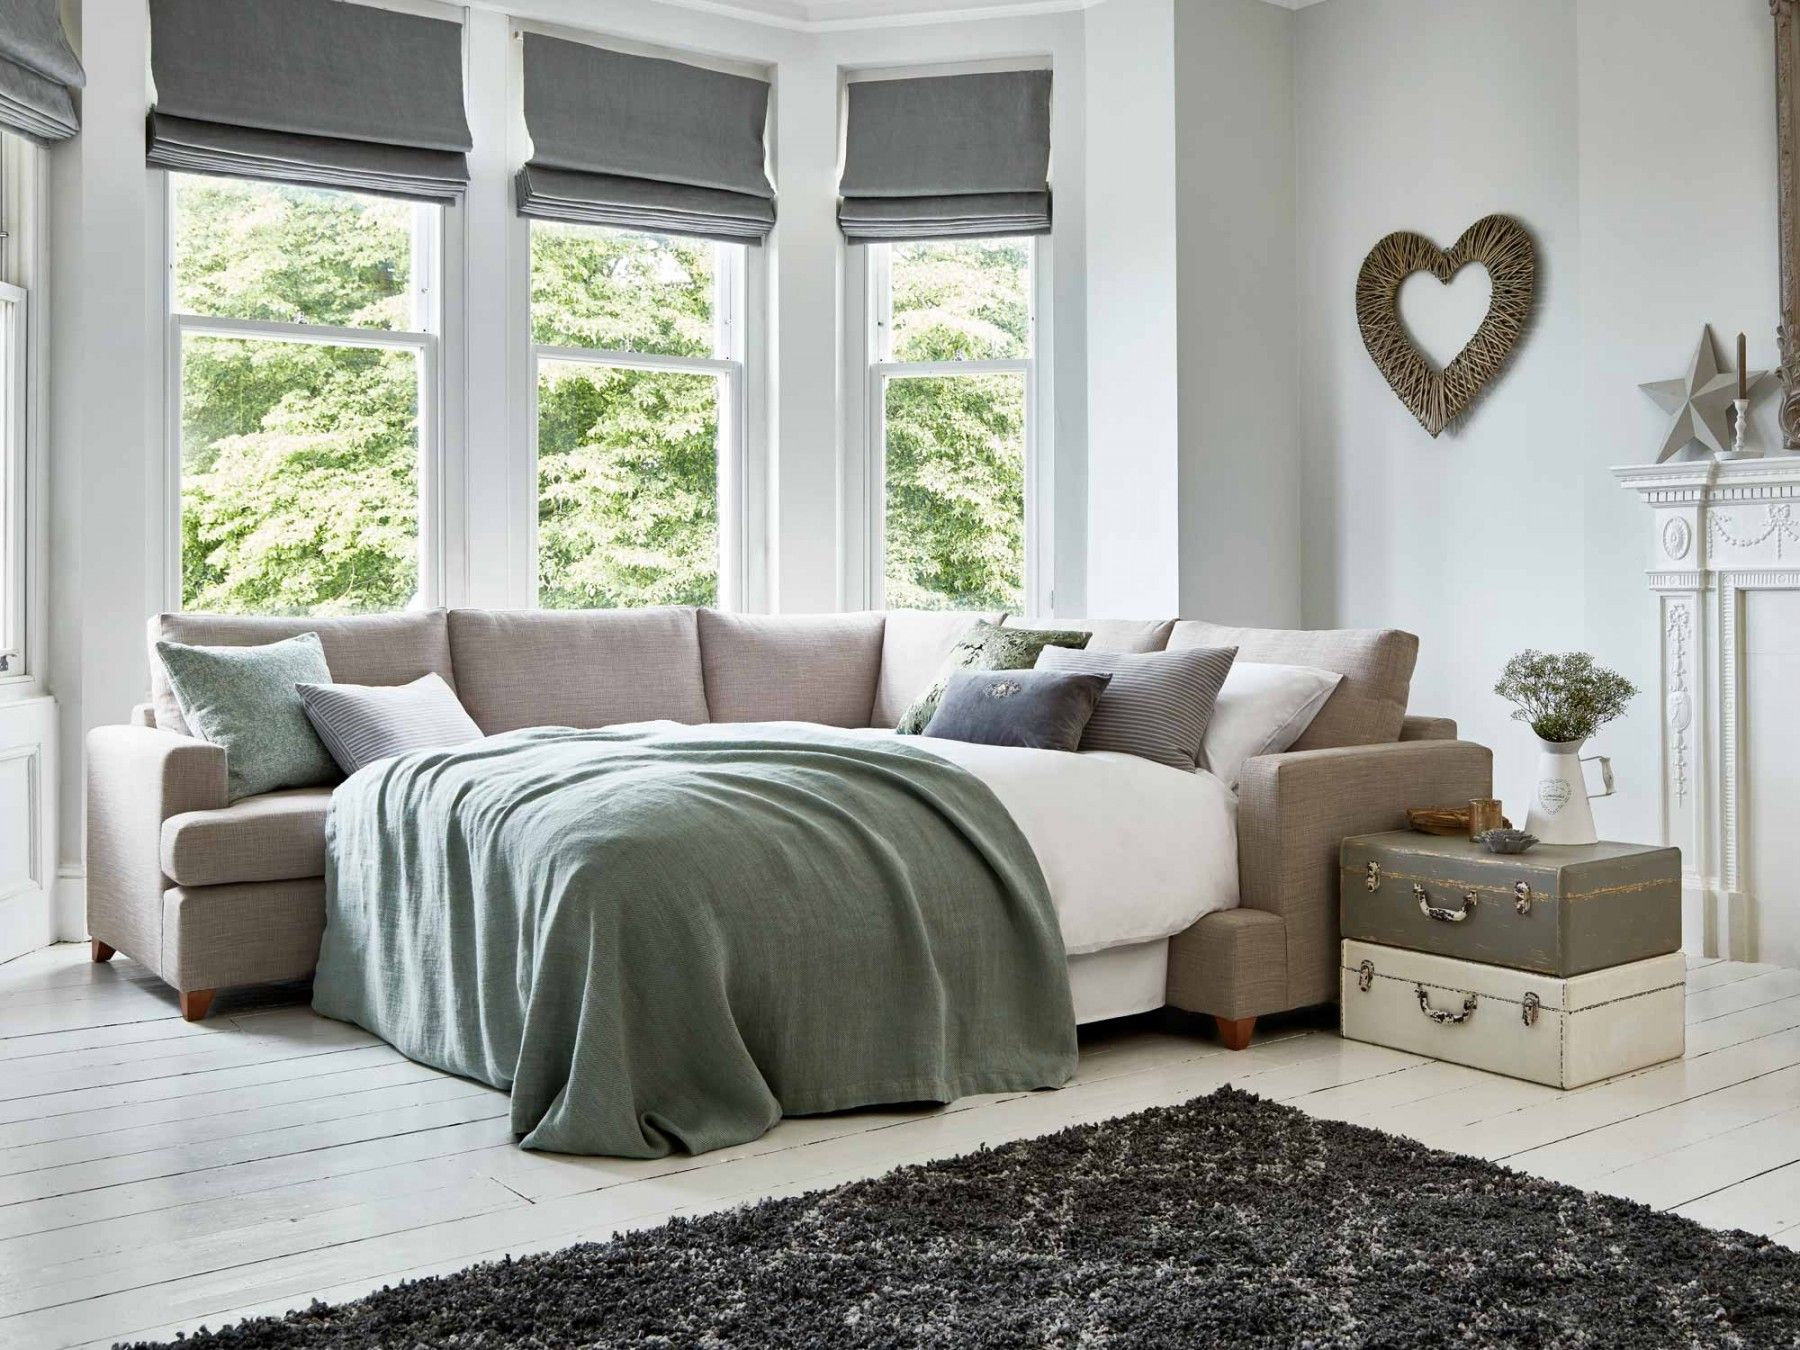 The Fyfield Corner Sofa Bed Sofa bed uk, Corner sofa